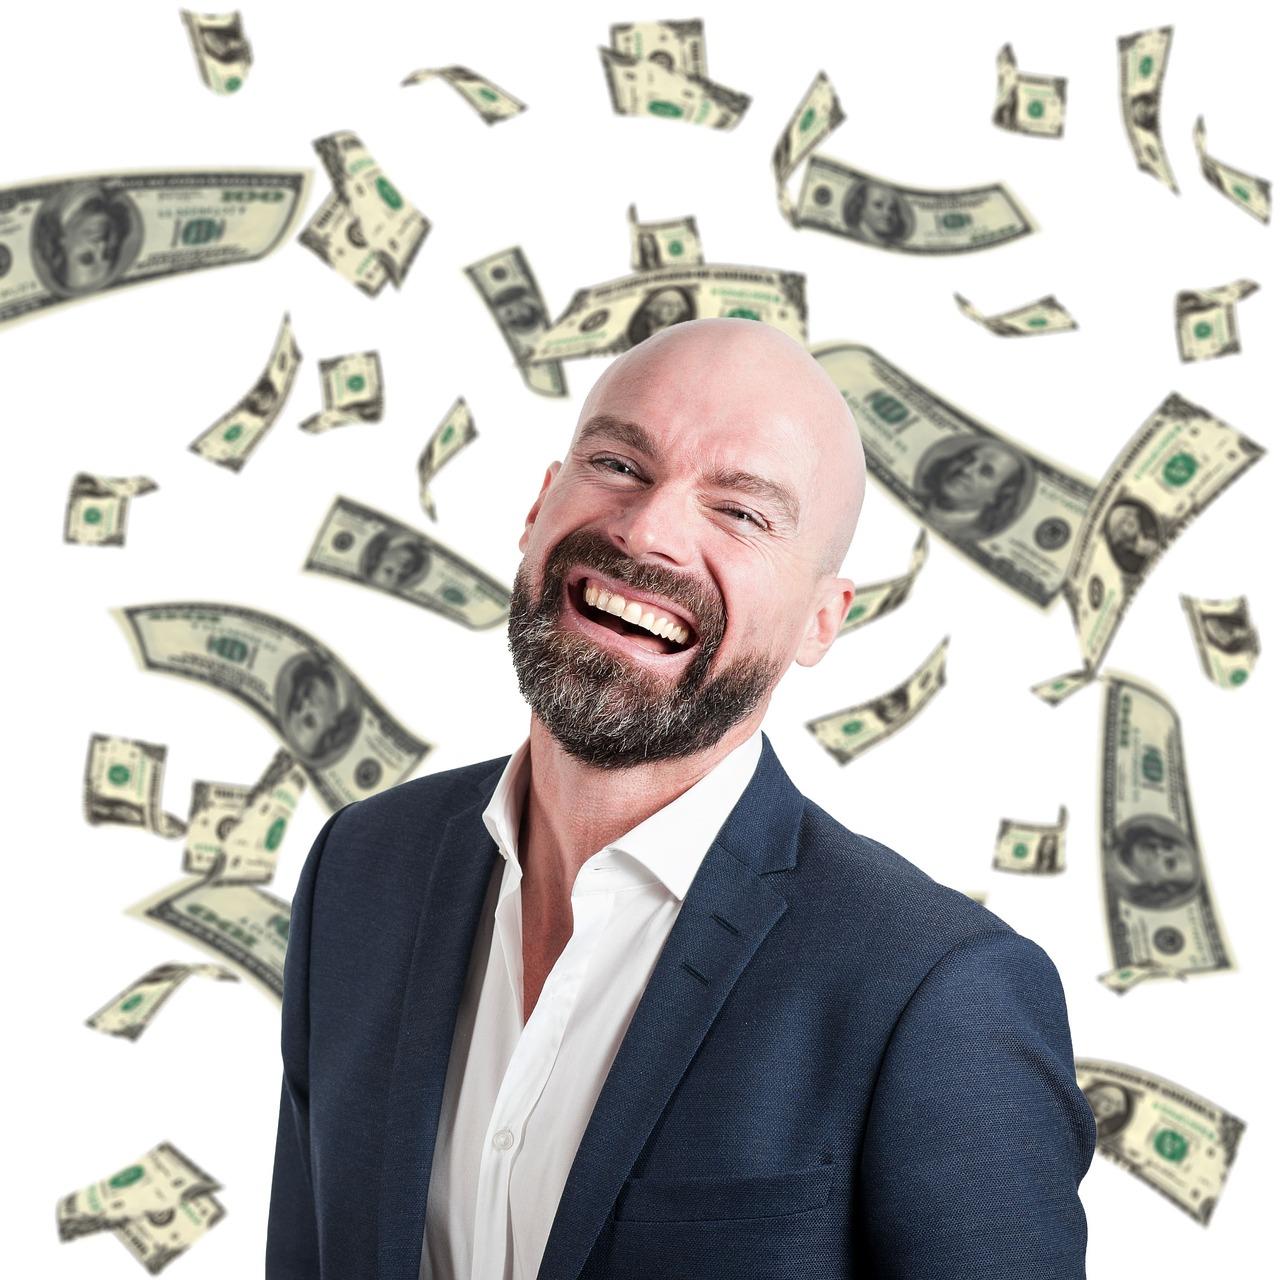 Gør penge os glade?